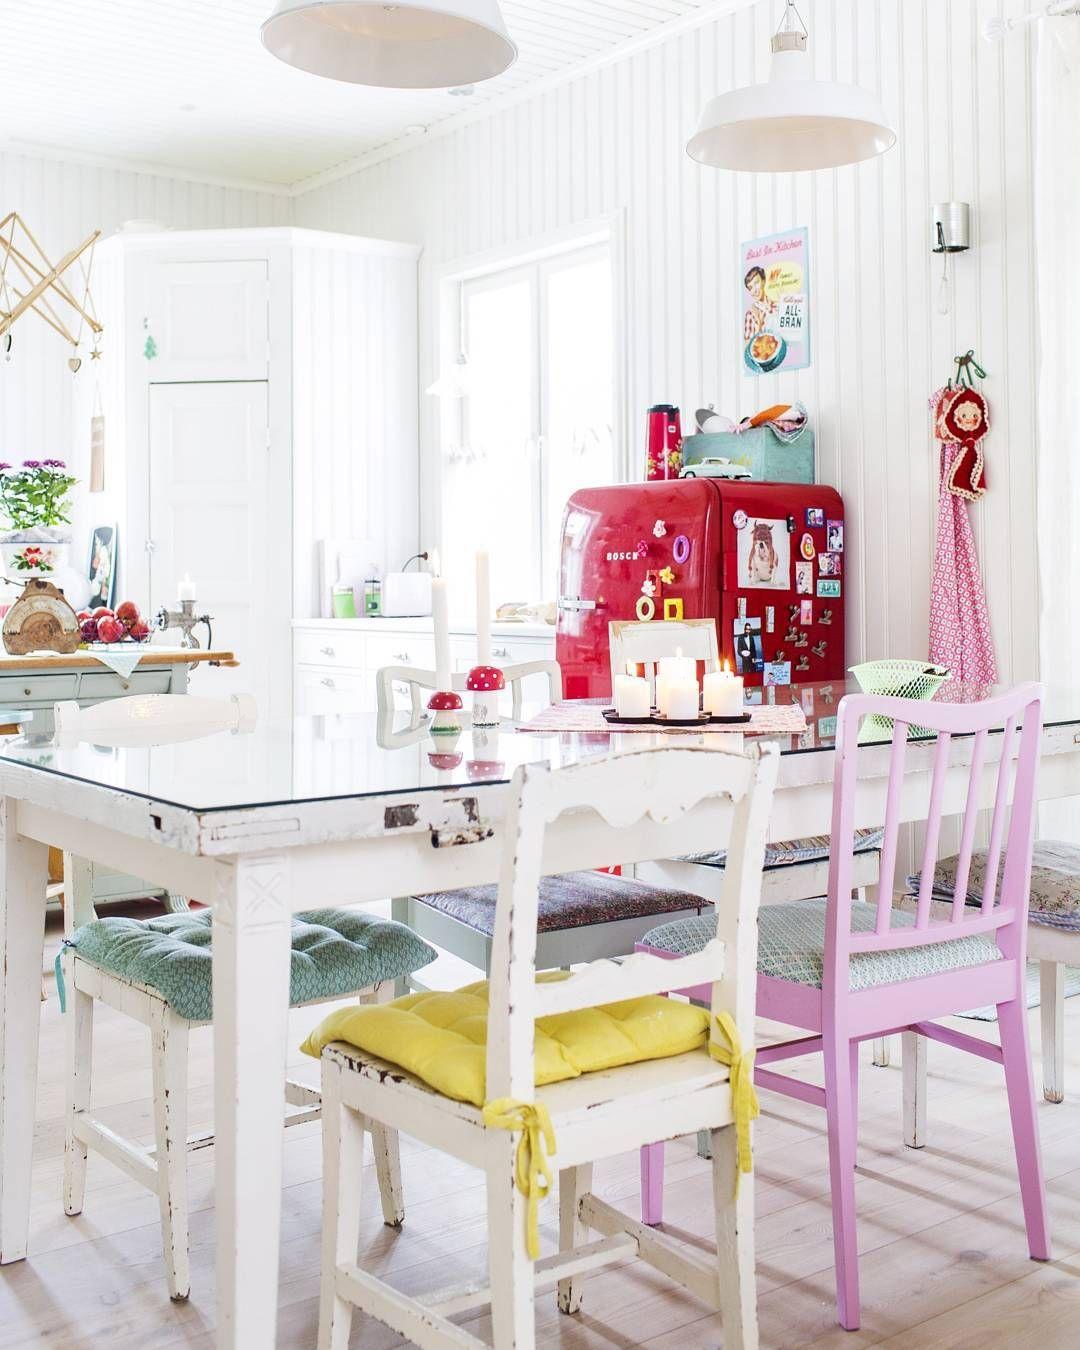 Jäätelövärit sopivat keittiöön! Kuva @hannefox #keittiö #punainenjääkaappi #eriparituolit #maalaisromanttinen #pöytäovesta #kierrätys #pastellivärit #unelmientalojakoti #suomeniloisinsisustuslehti